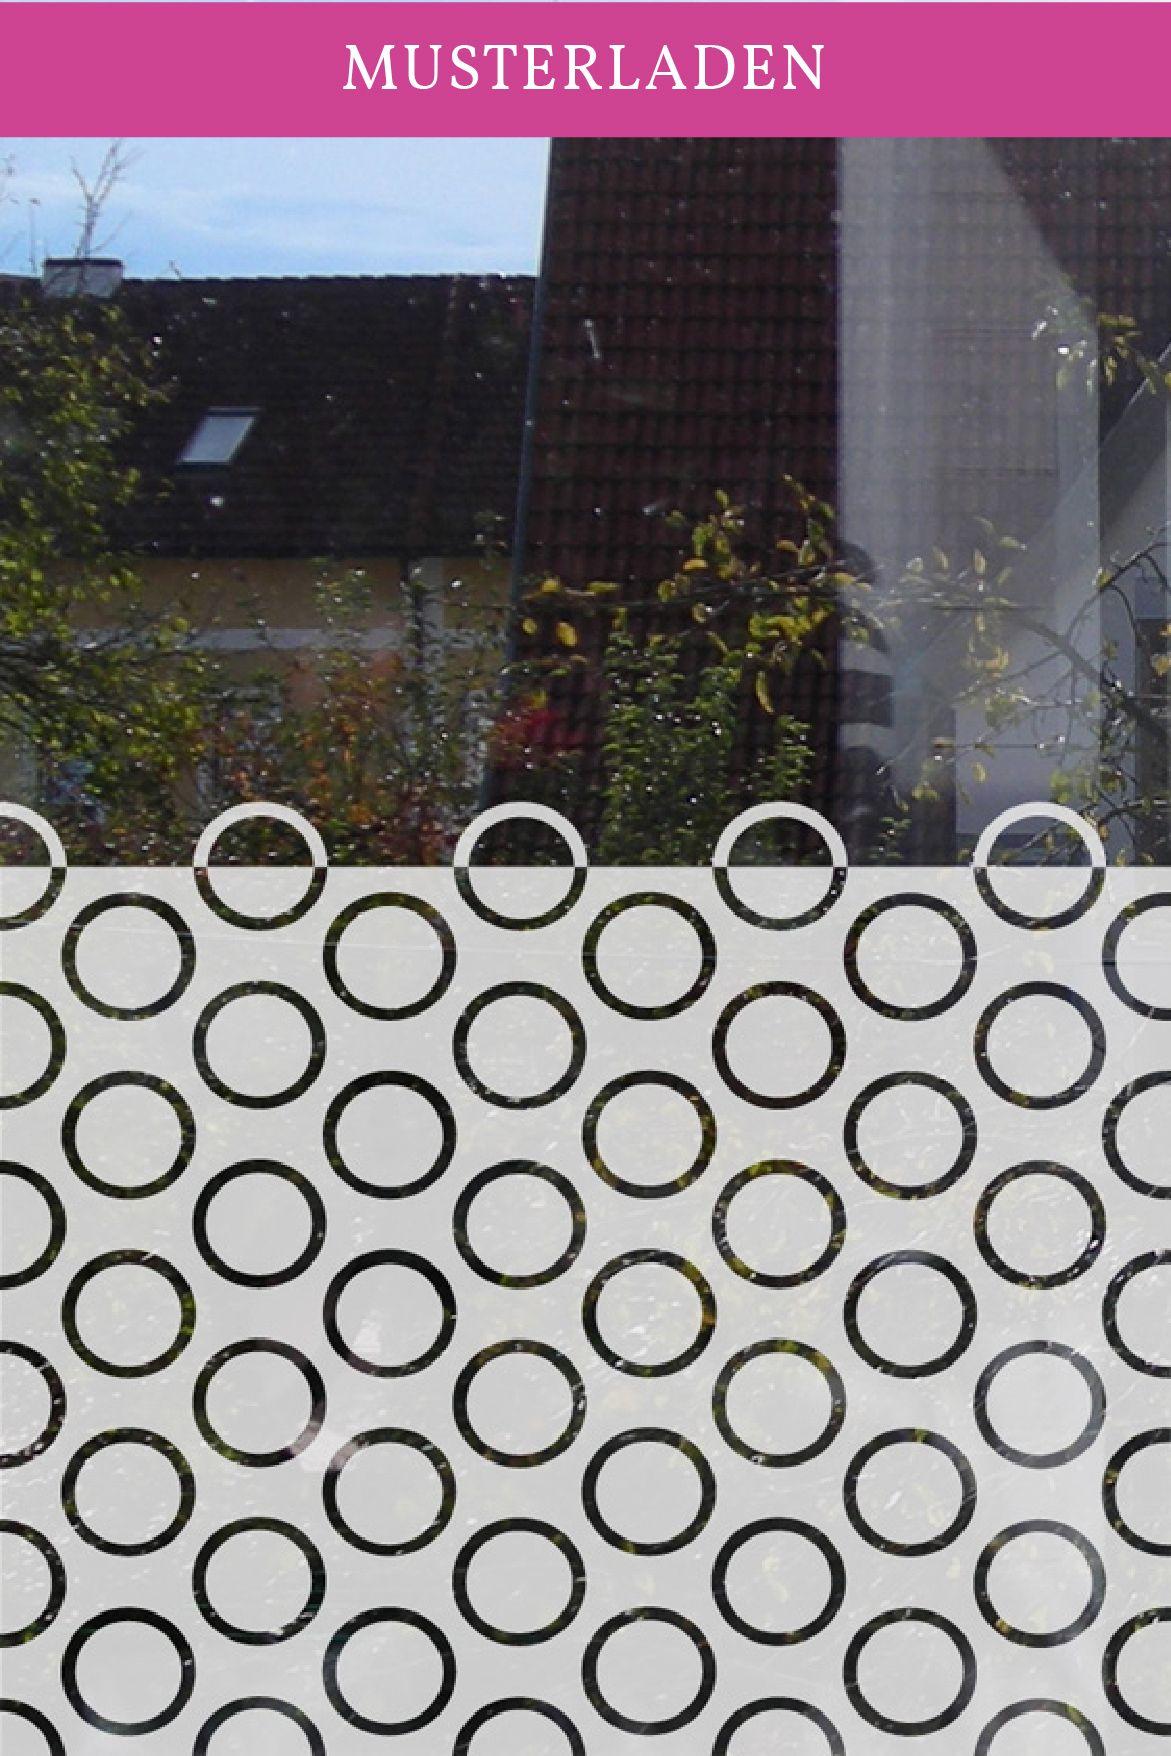 Full Size of Folien Für Fenster Dekorative Fr Günstige Gitter Einbruchschutz Sichtschutzfolie Vinyl Fürs Bad Einbauen Weru Preise Konfigurieren Velux Rollo Aron Fenster Folien Für Fenster